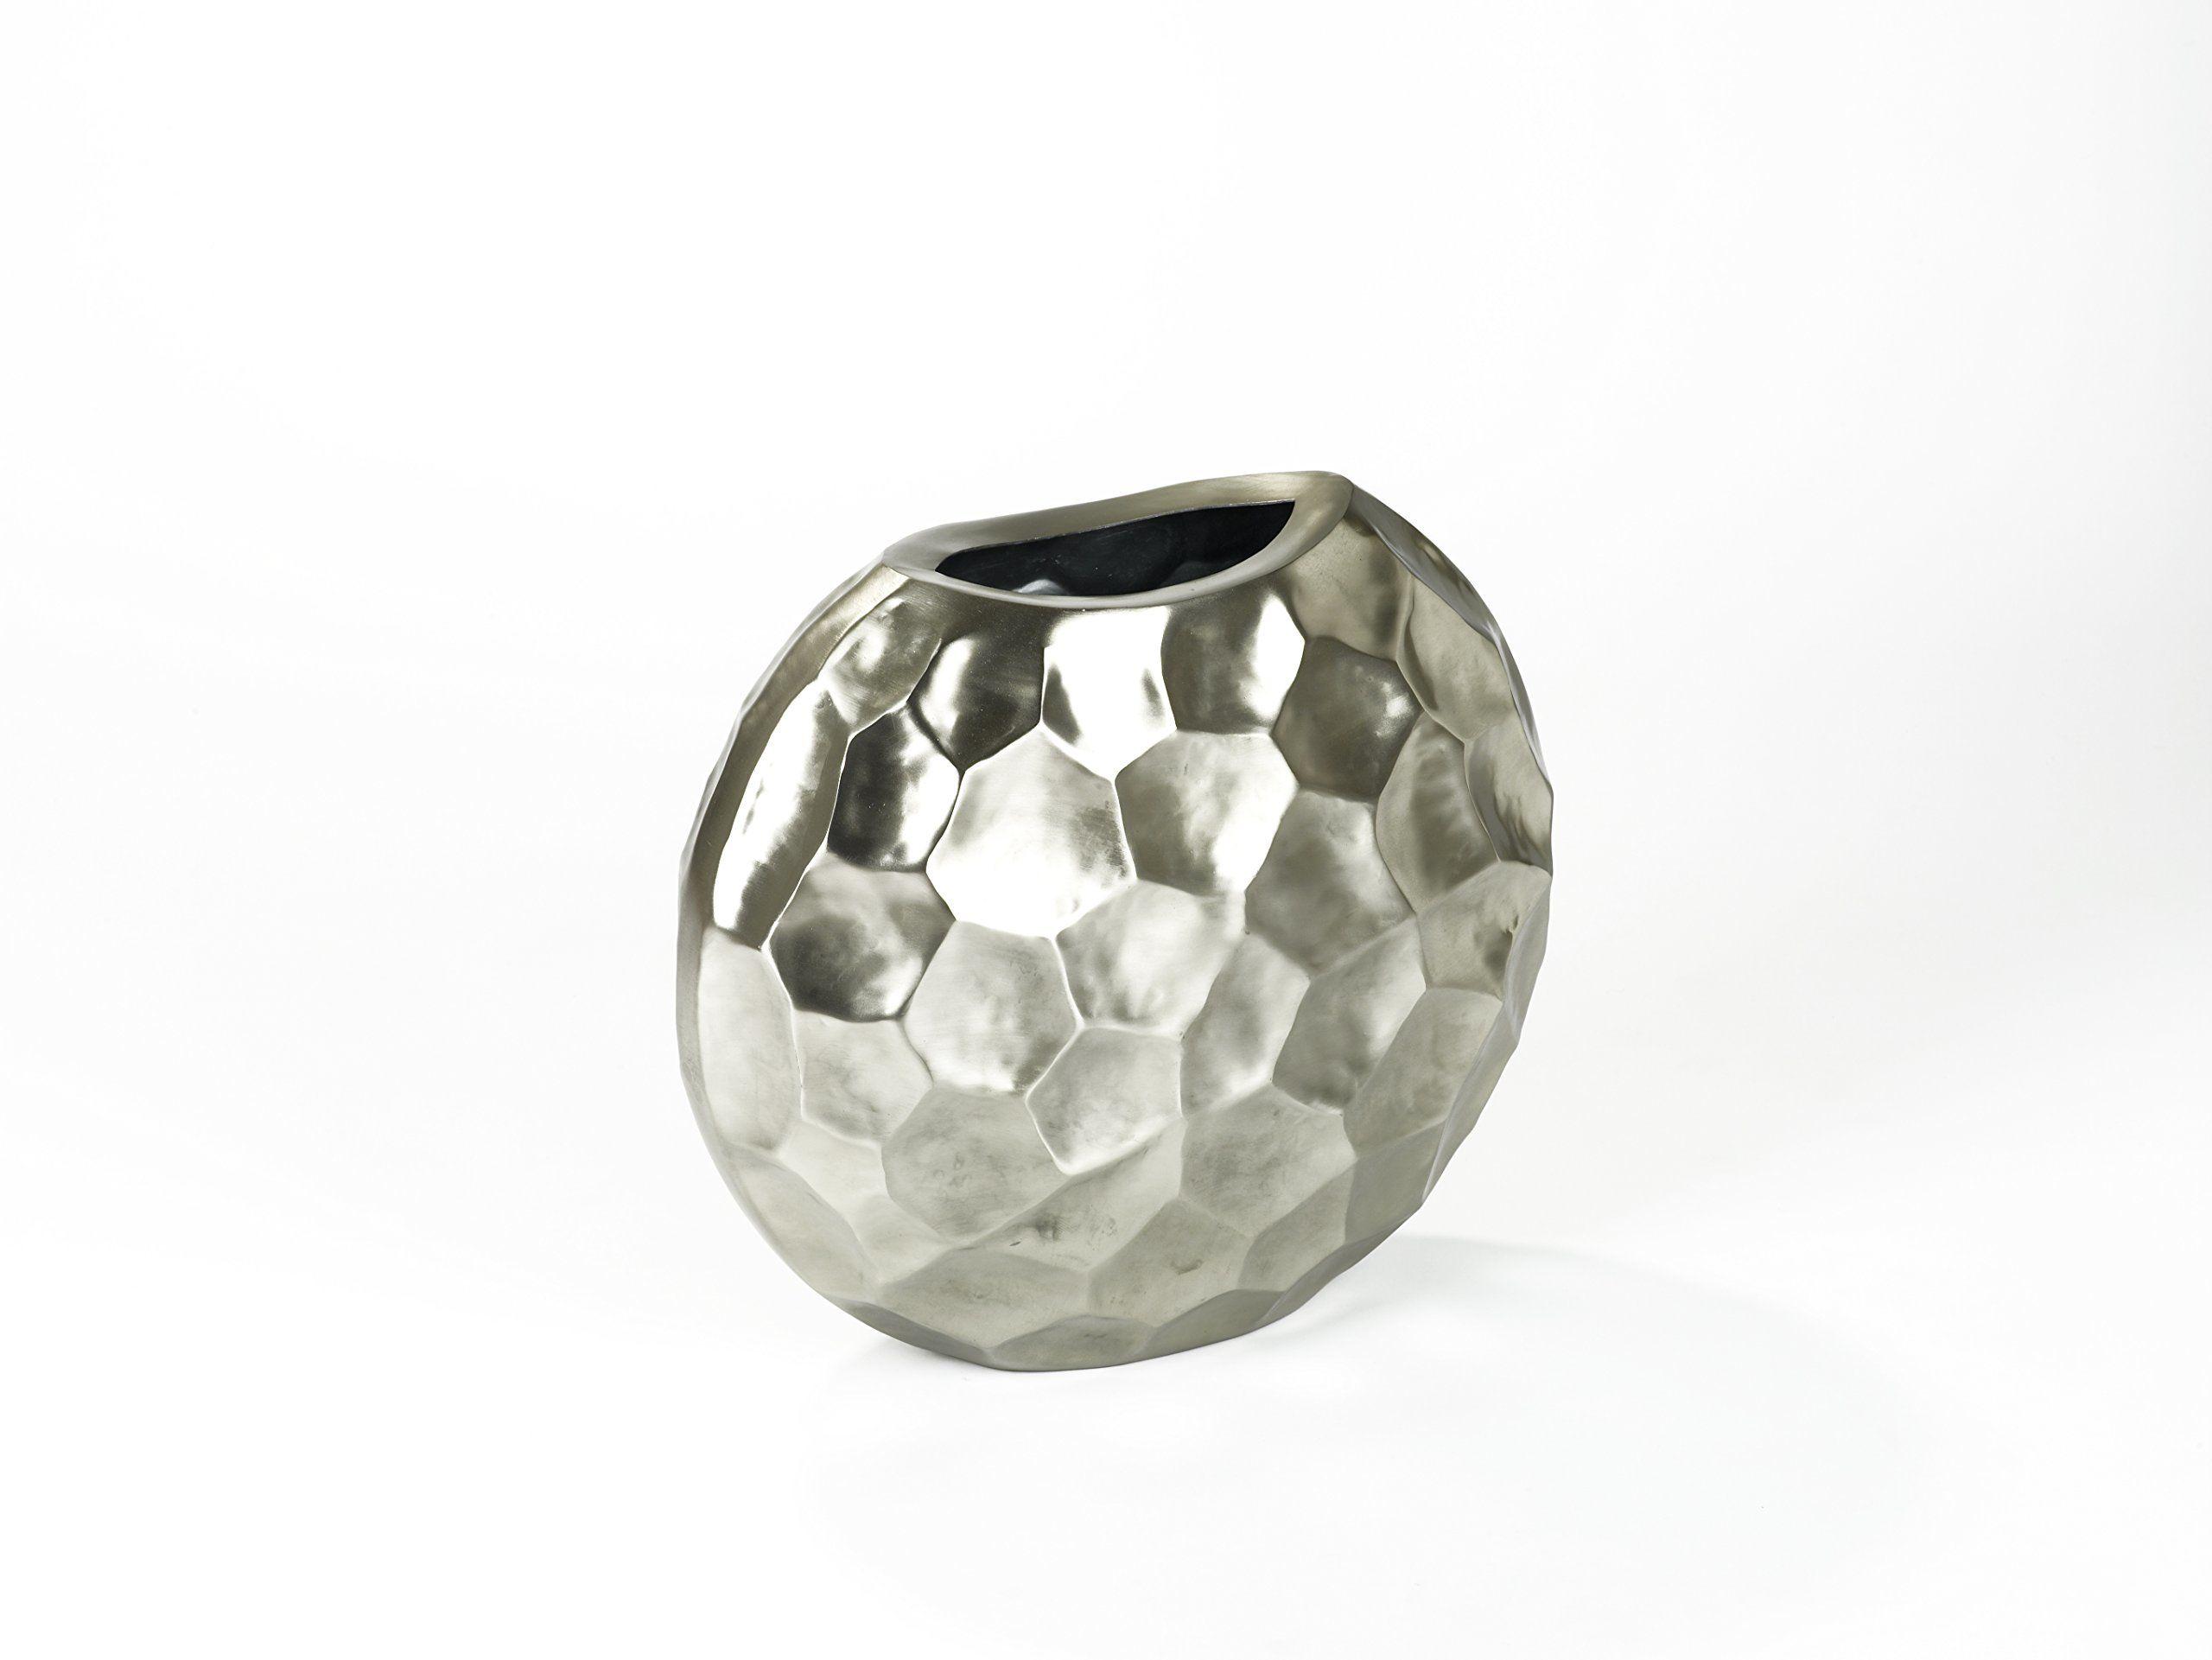 Lambert Farah naczynie aluminiowe, 25 x 50 cm, wys. 44 cm, kolor srebrny, jeden rozmiar